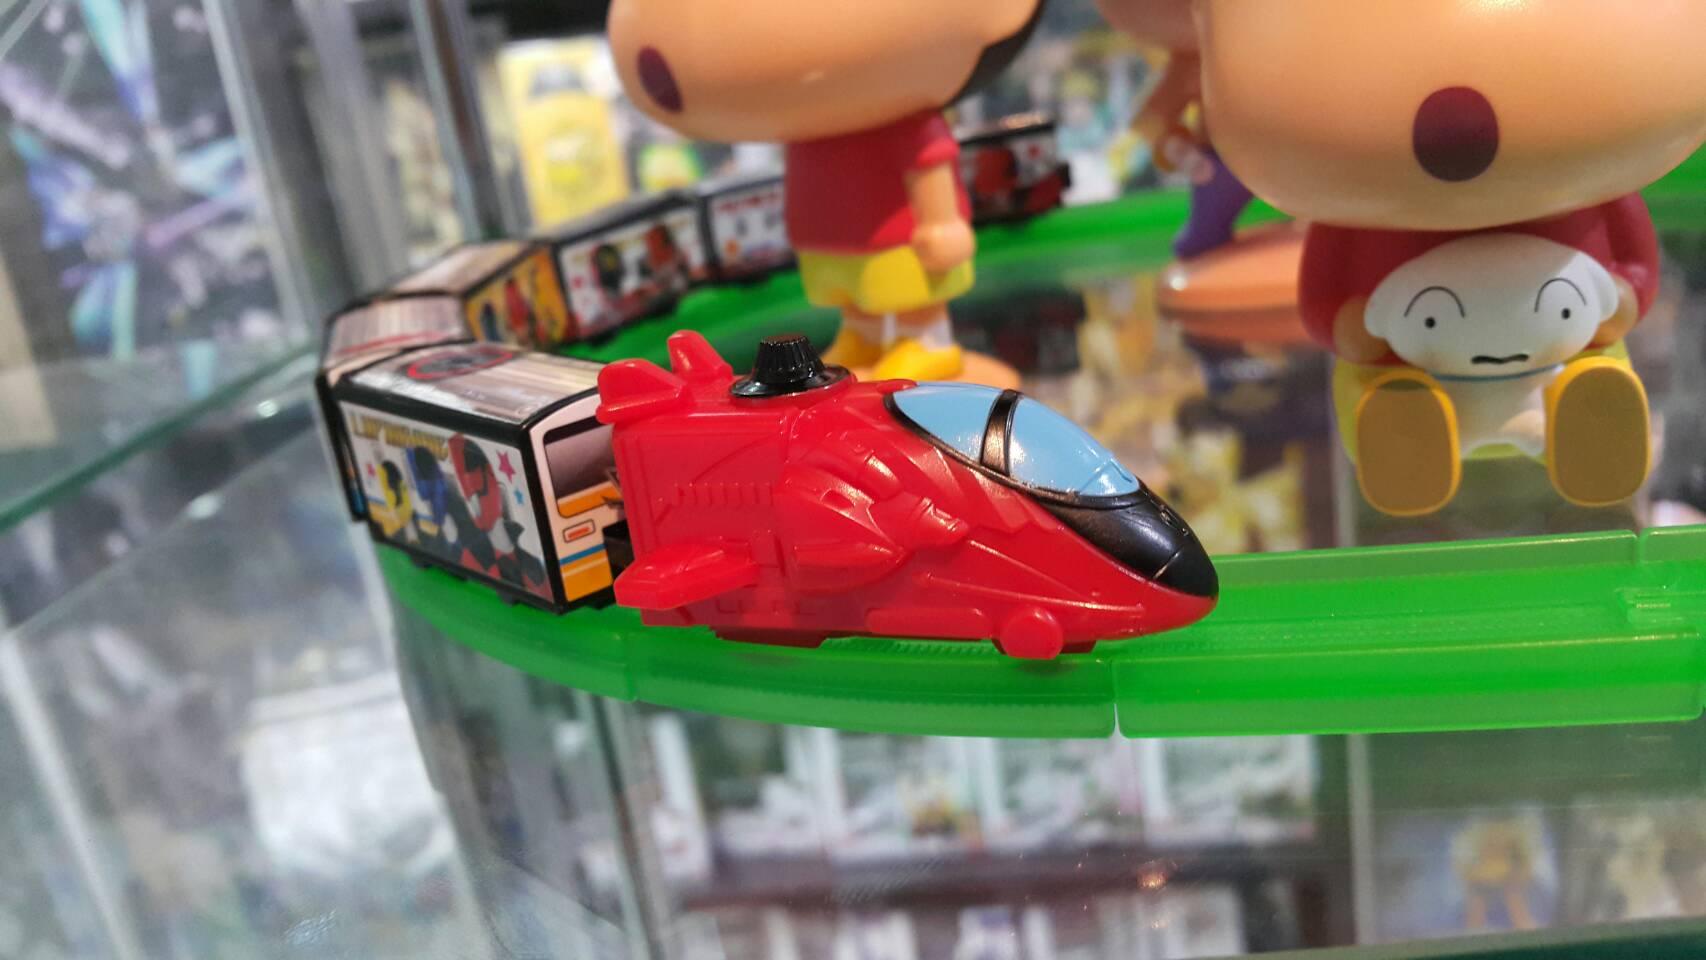 2467940หัวขบวนสีแดง lupinranger VS patranger rail 9ลูก